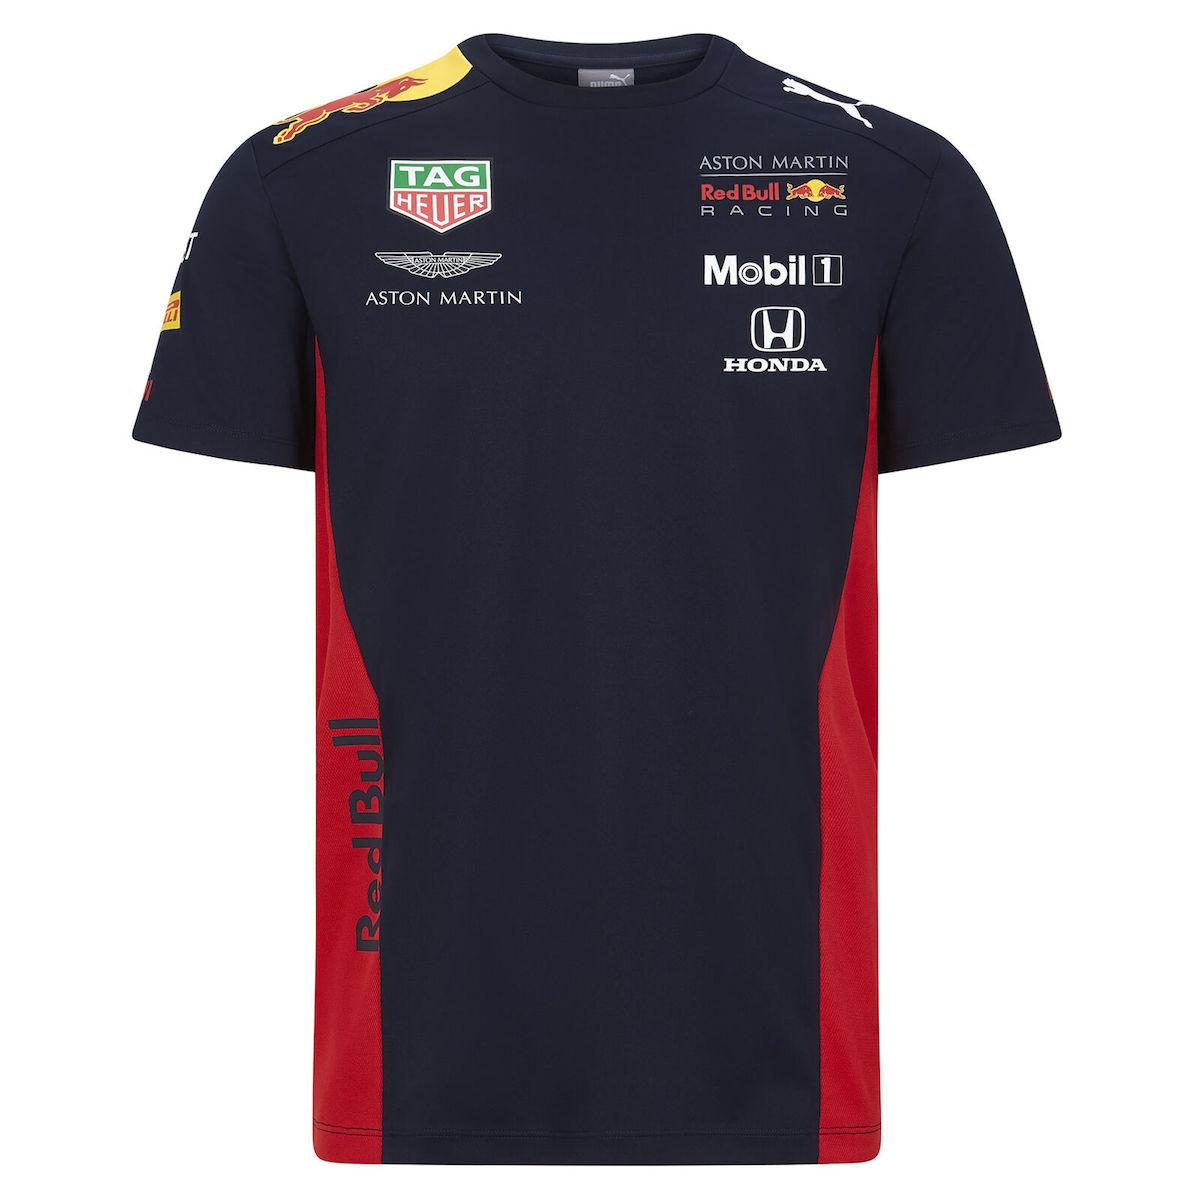 ★送料無料★Aston Martin Red Bull Racing F1 Team Tee アストンマーチン レッドブルー Tシャツ 半袖 ネイビー